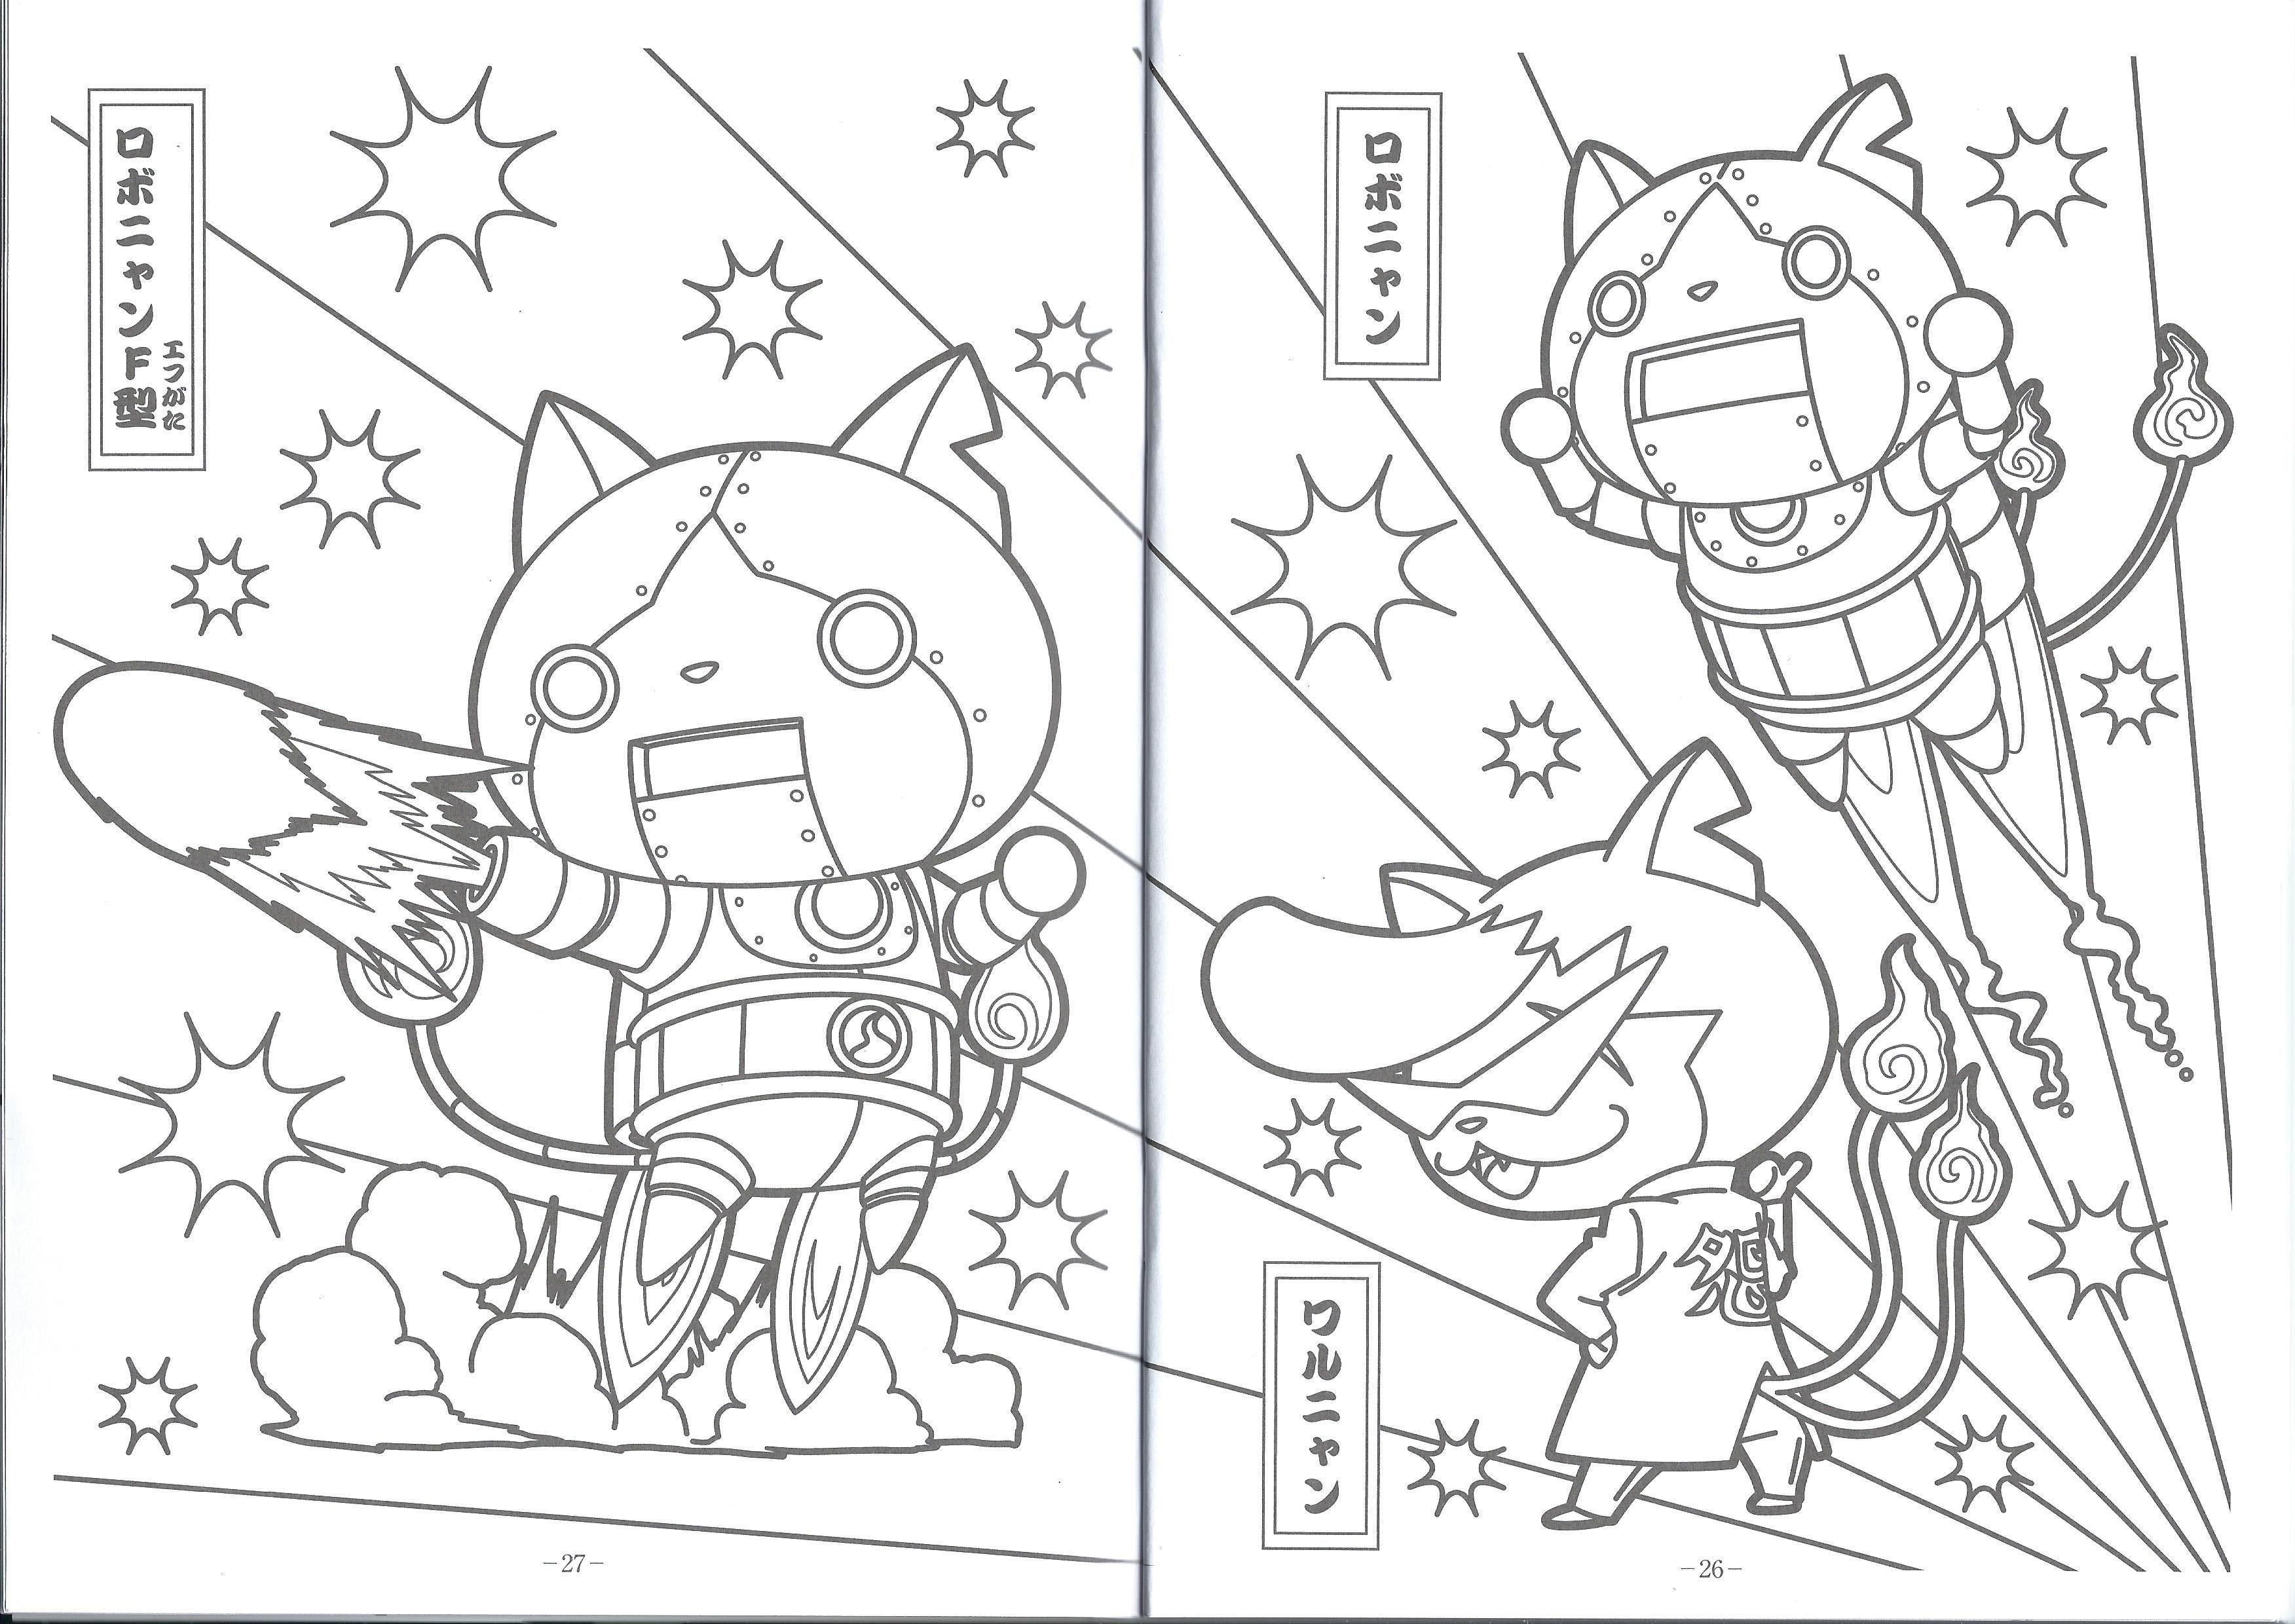 Meilleur De Coloriage à Imprimer Gratuit Yo Kai Watch